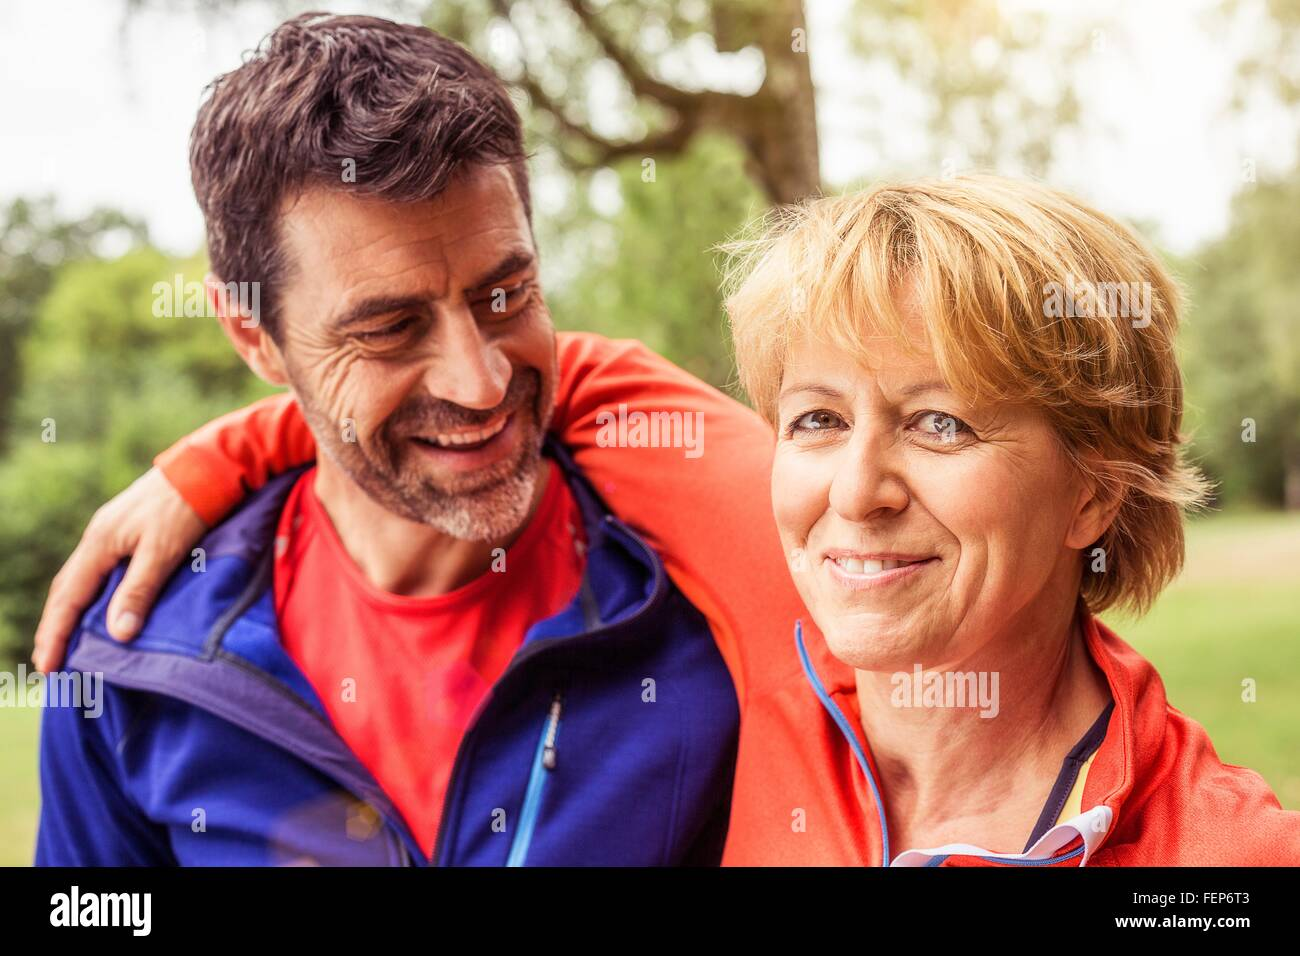 Par llevaba ropa deportiva al aire libre, sonriendo Imagen De Stock